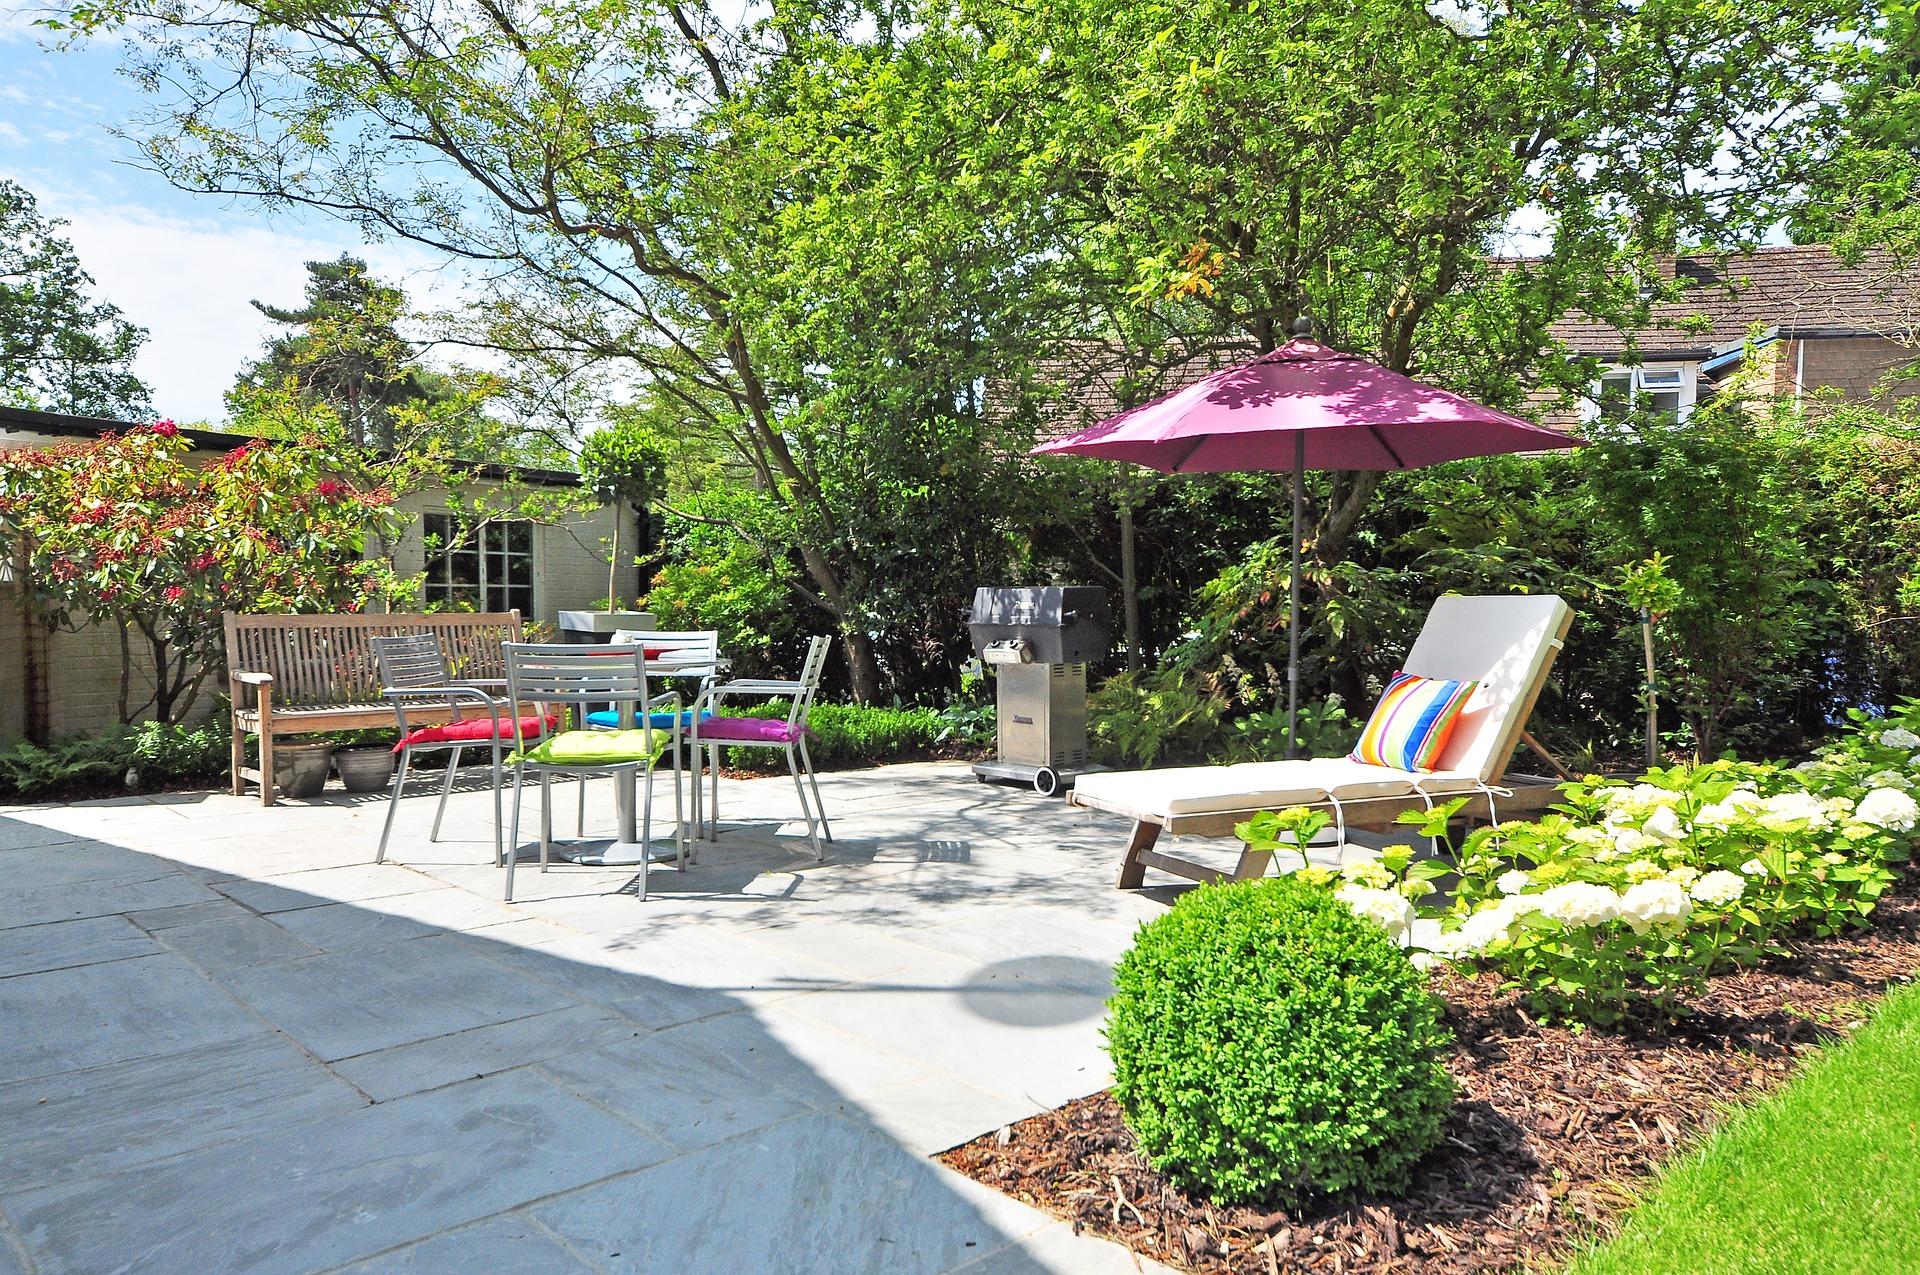 Jardin d'une maison avec une terrasse et un salon de jardin